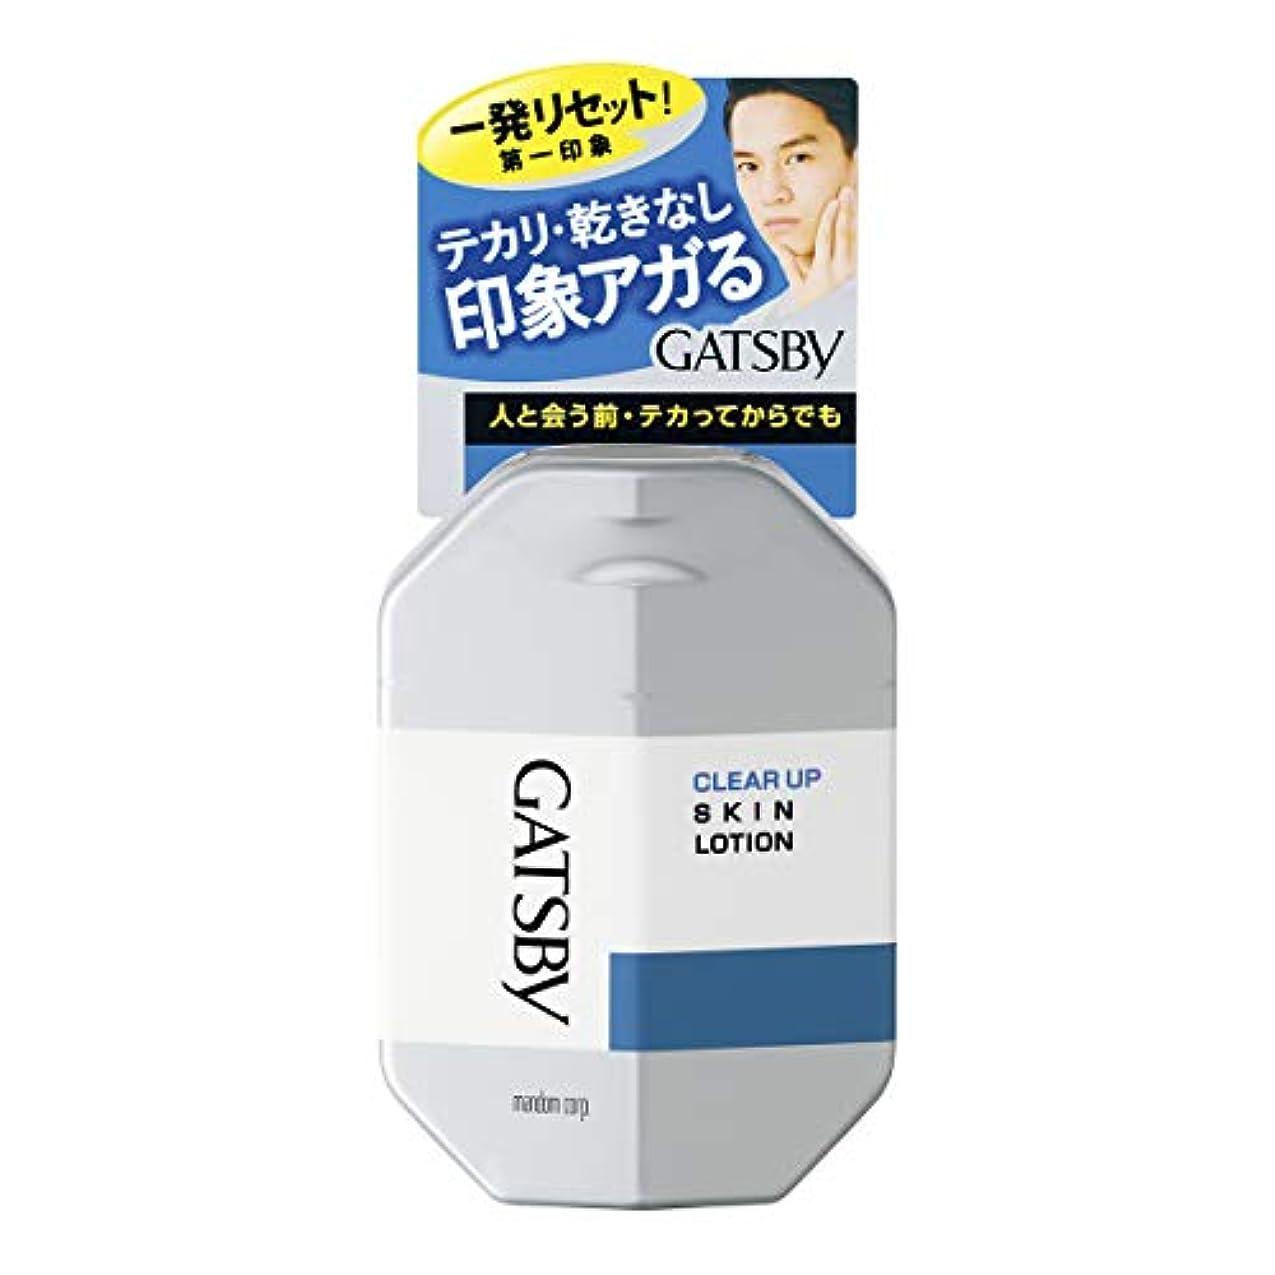 虹土貞GATSBY(ギャツビー) クリアアップスキンローション 100mL テカリ対策